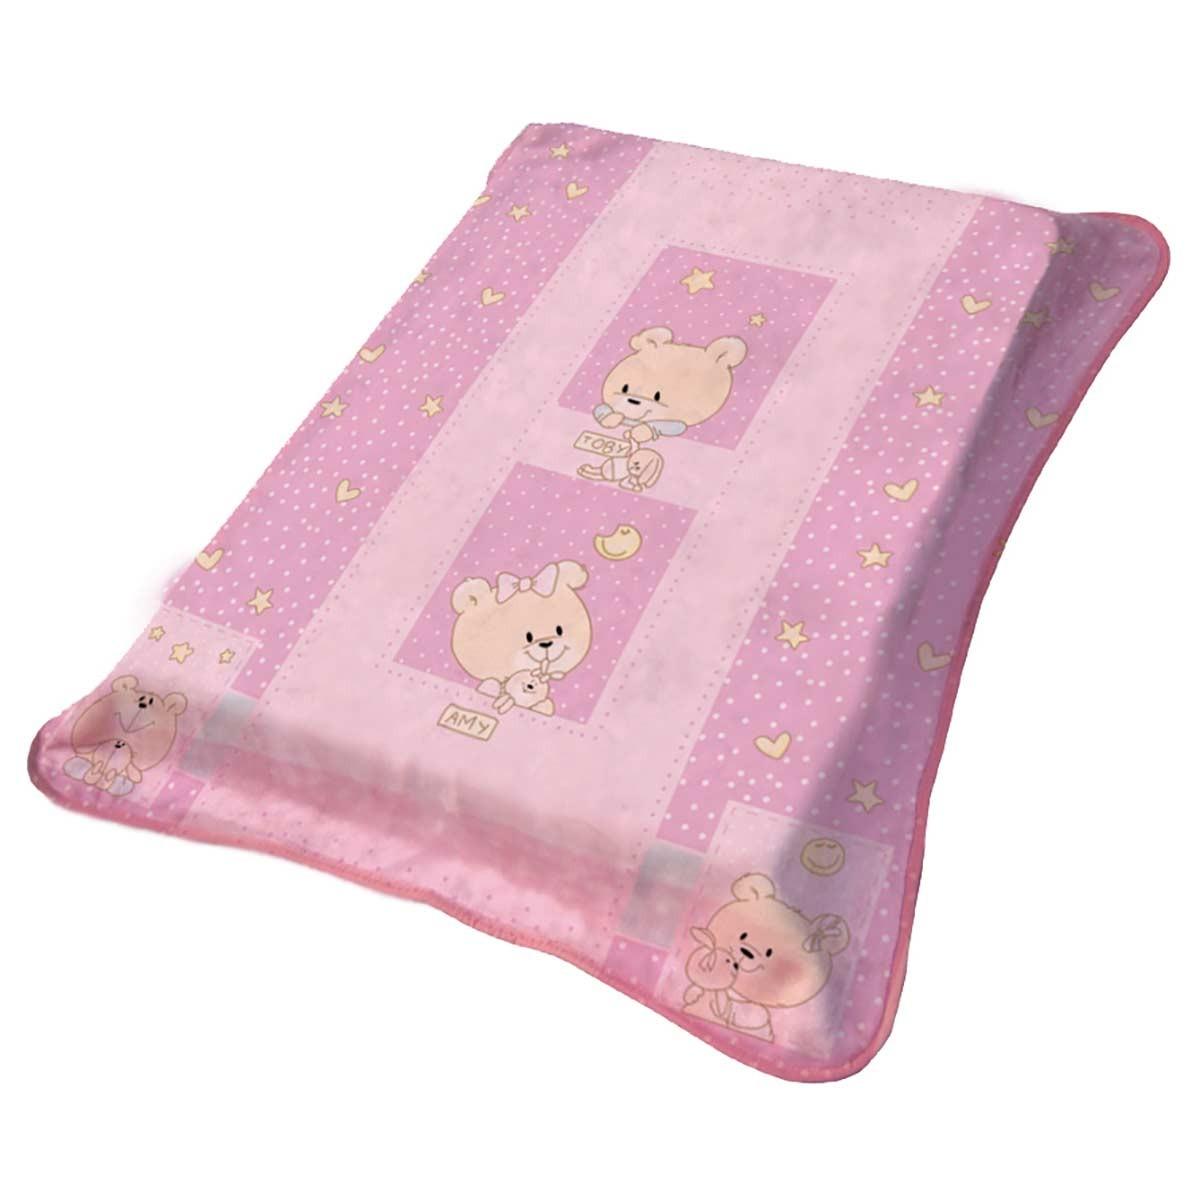 Υπνόσακος Κουβέρτα Βελουτέ Viopros 697 Ροζ